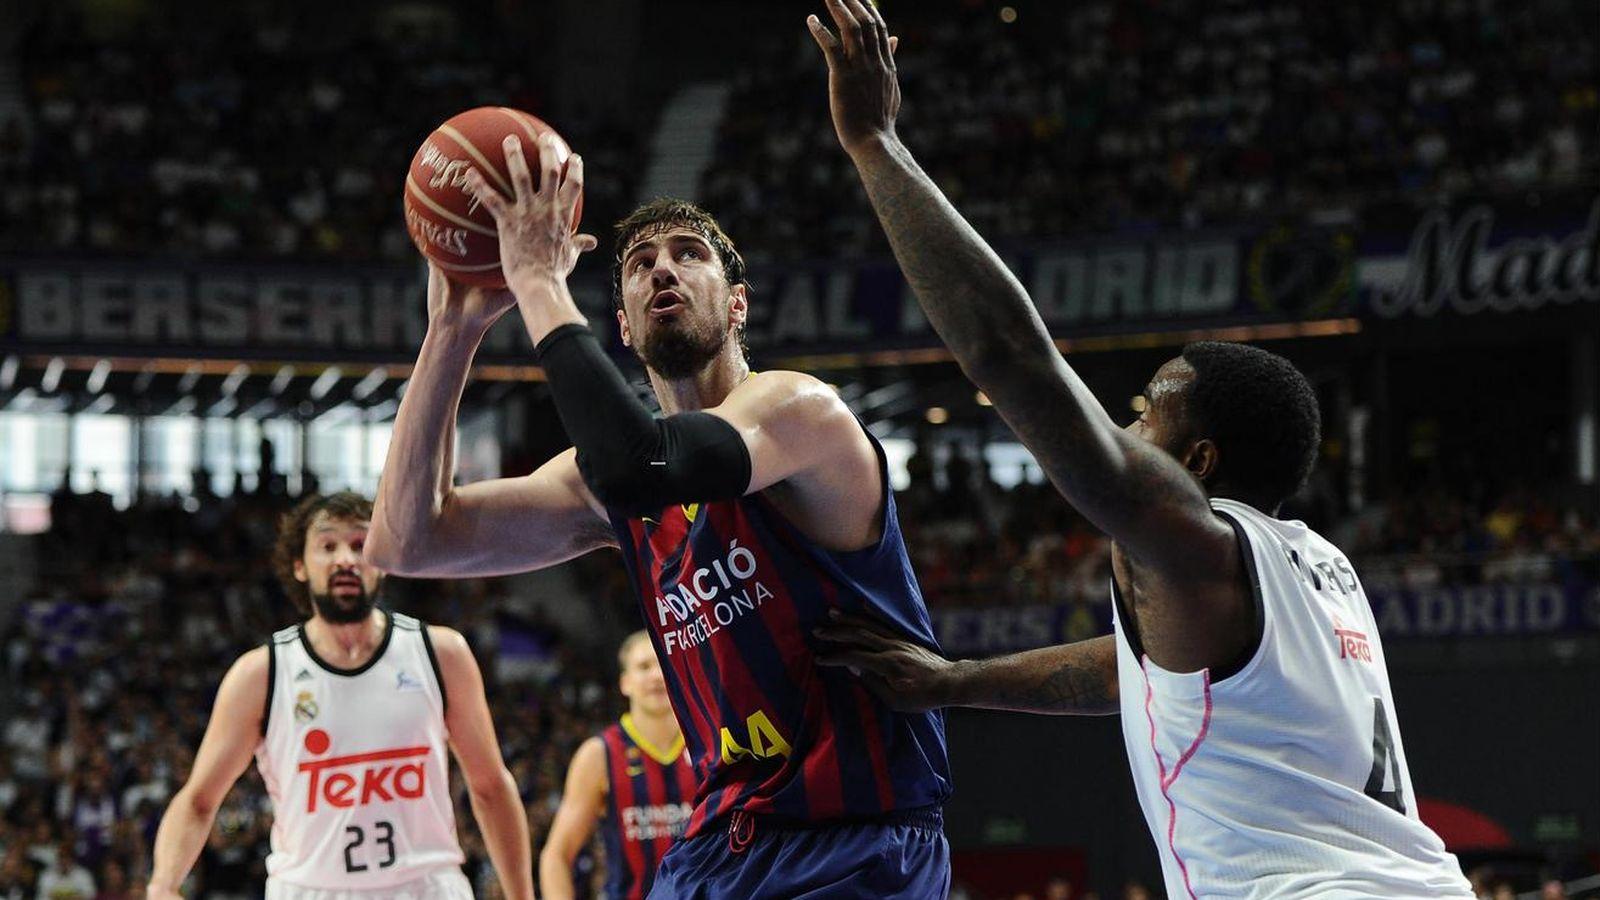 Foto: Tomic promedia 6,5 puntos y 3,5 rebotes en la final (Cordon Press)